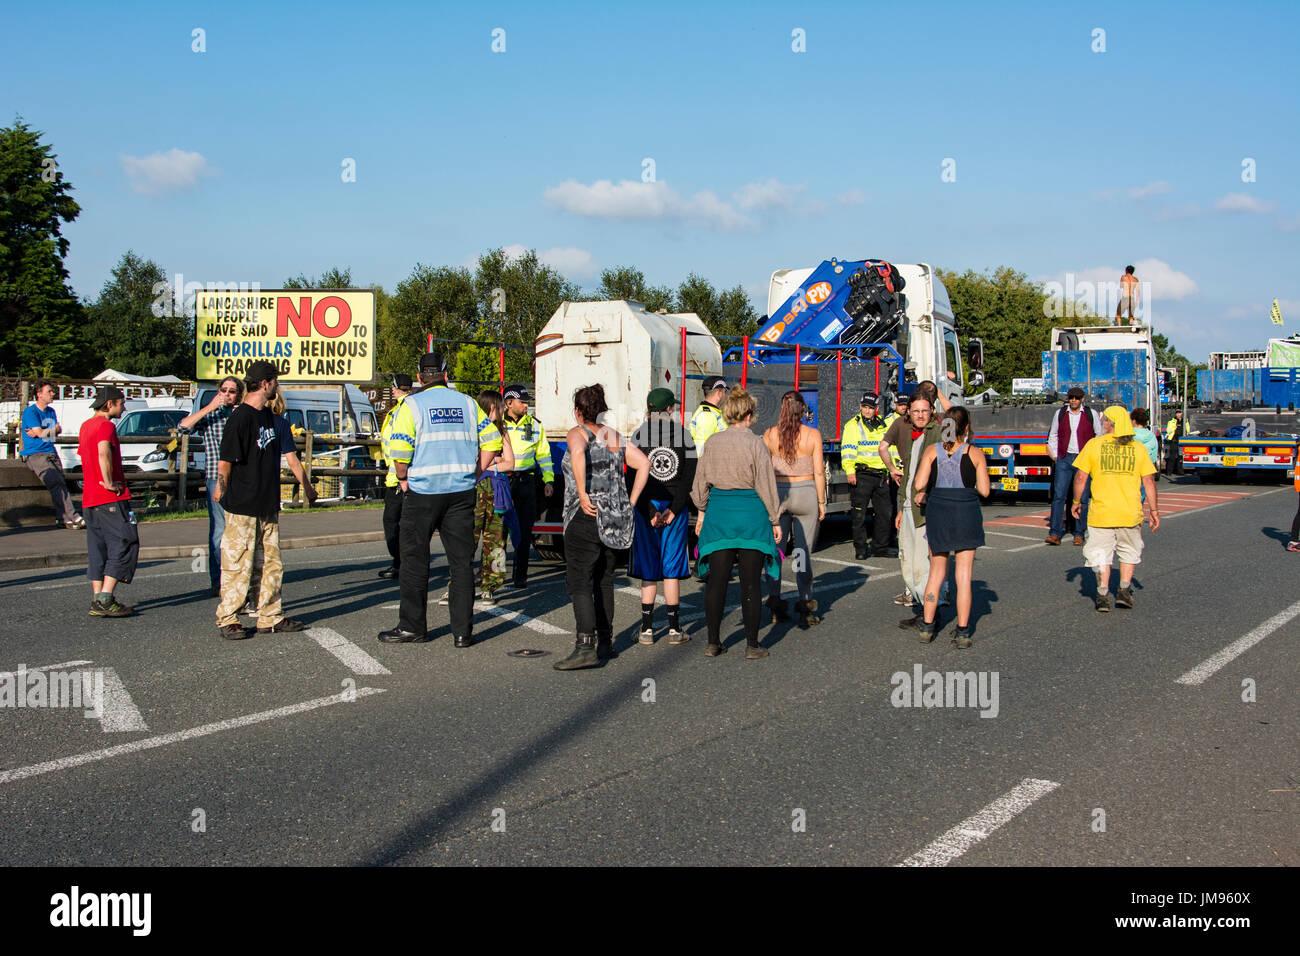 La confrontación pacífica con policías custodiando los camiones.Anti-fracking manifestantes detener el convoy de camiones entregando a la cuadrilla exploratorio del esquisto ga Imagen De Stock